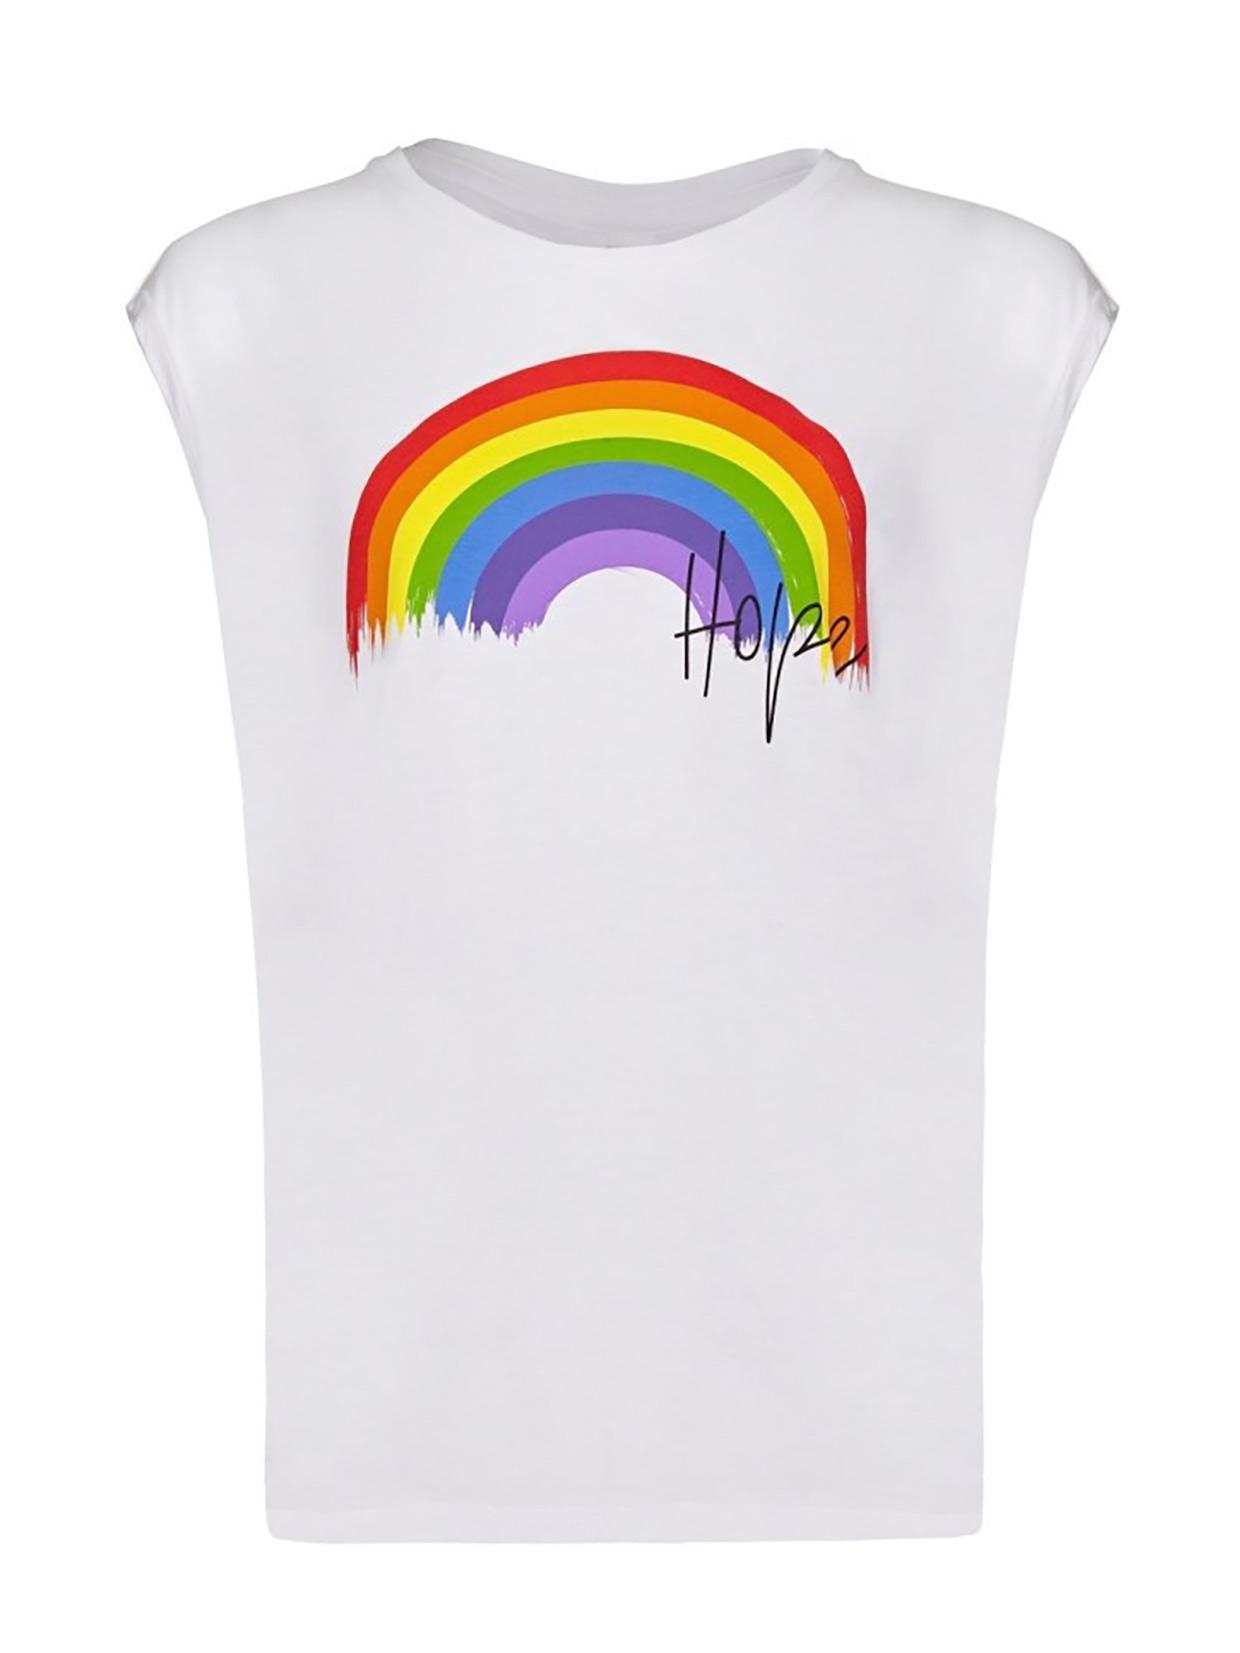 Yoga Leggs Rainbow and Hope White Tank Top